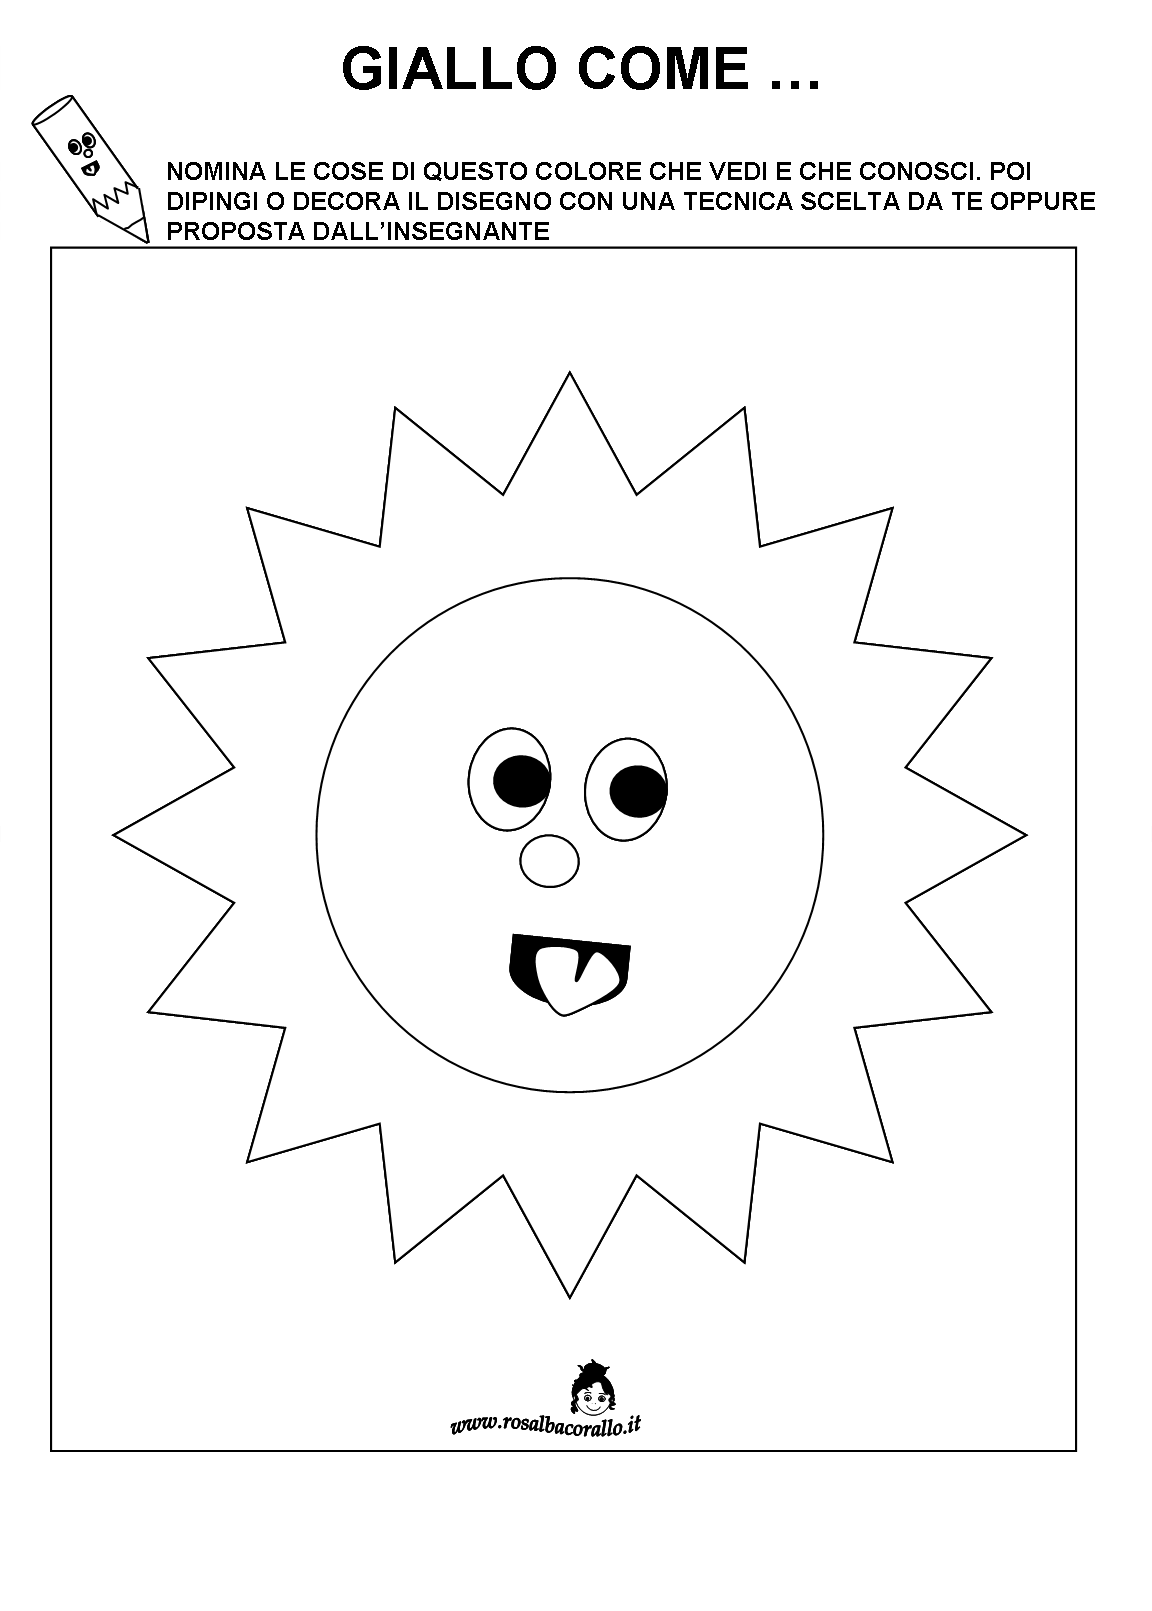 Scheda didattica 1152 1611 colori pinterest for Schede didattiche scuola infanzia 3 anni